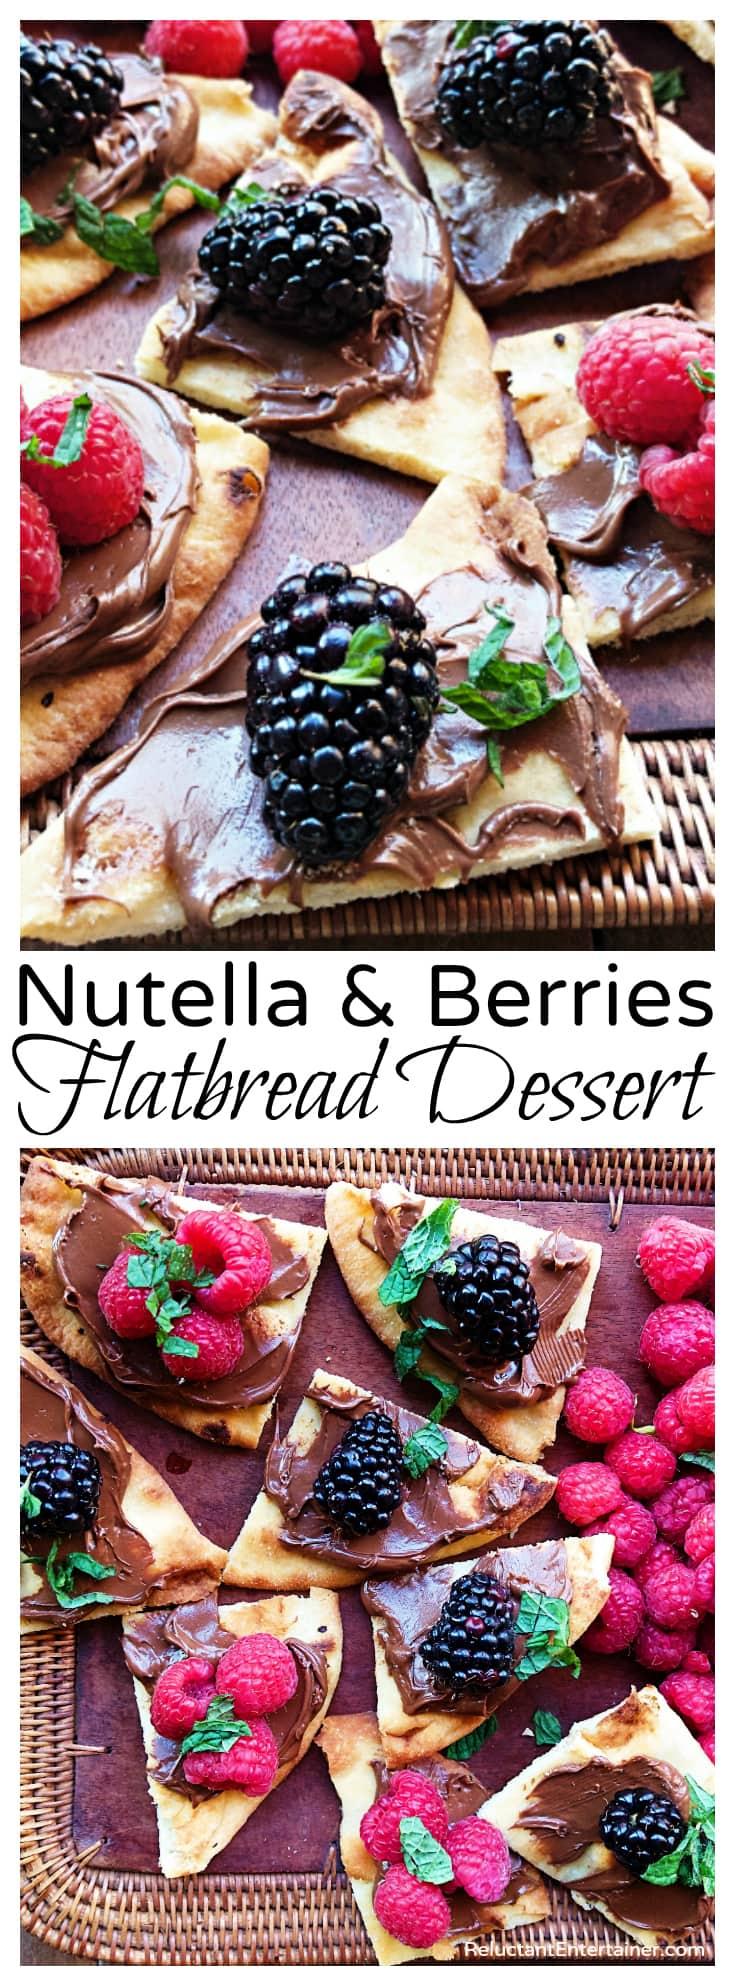 Nutella & Berries Flatbread Dessert